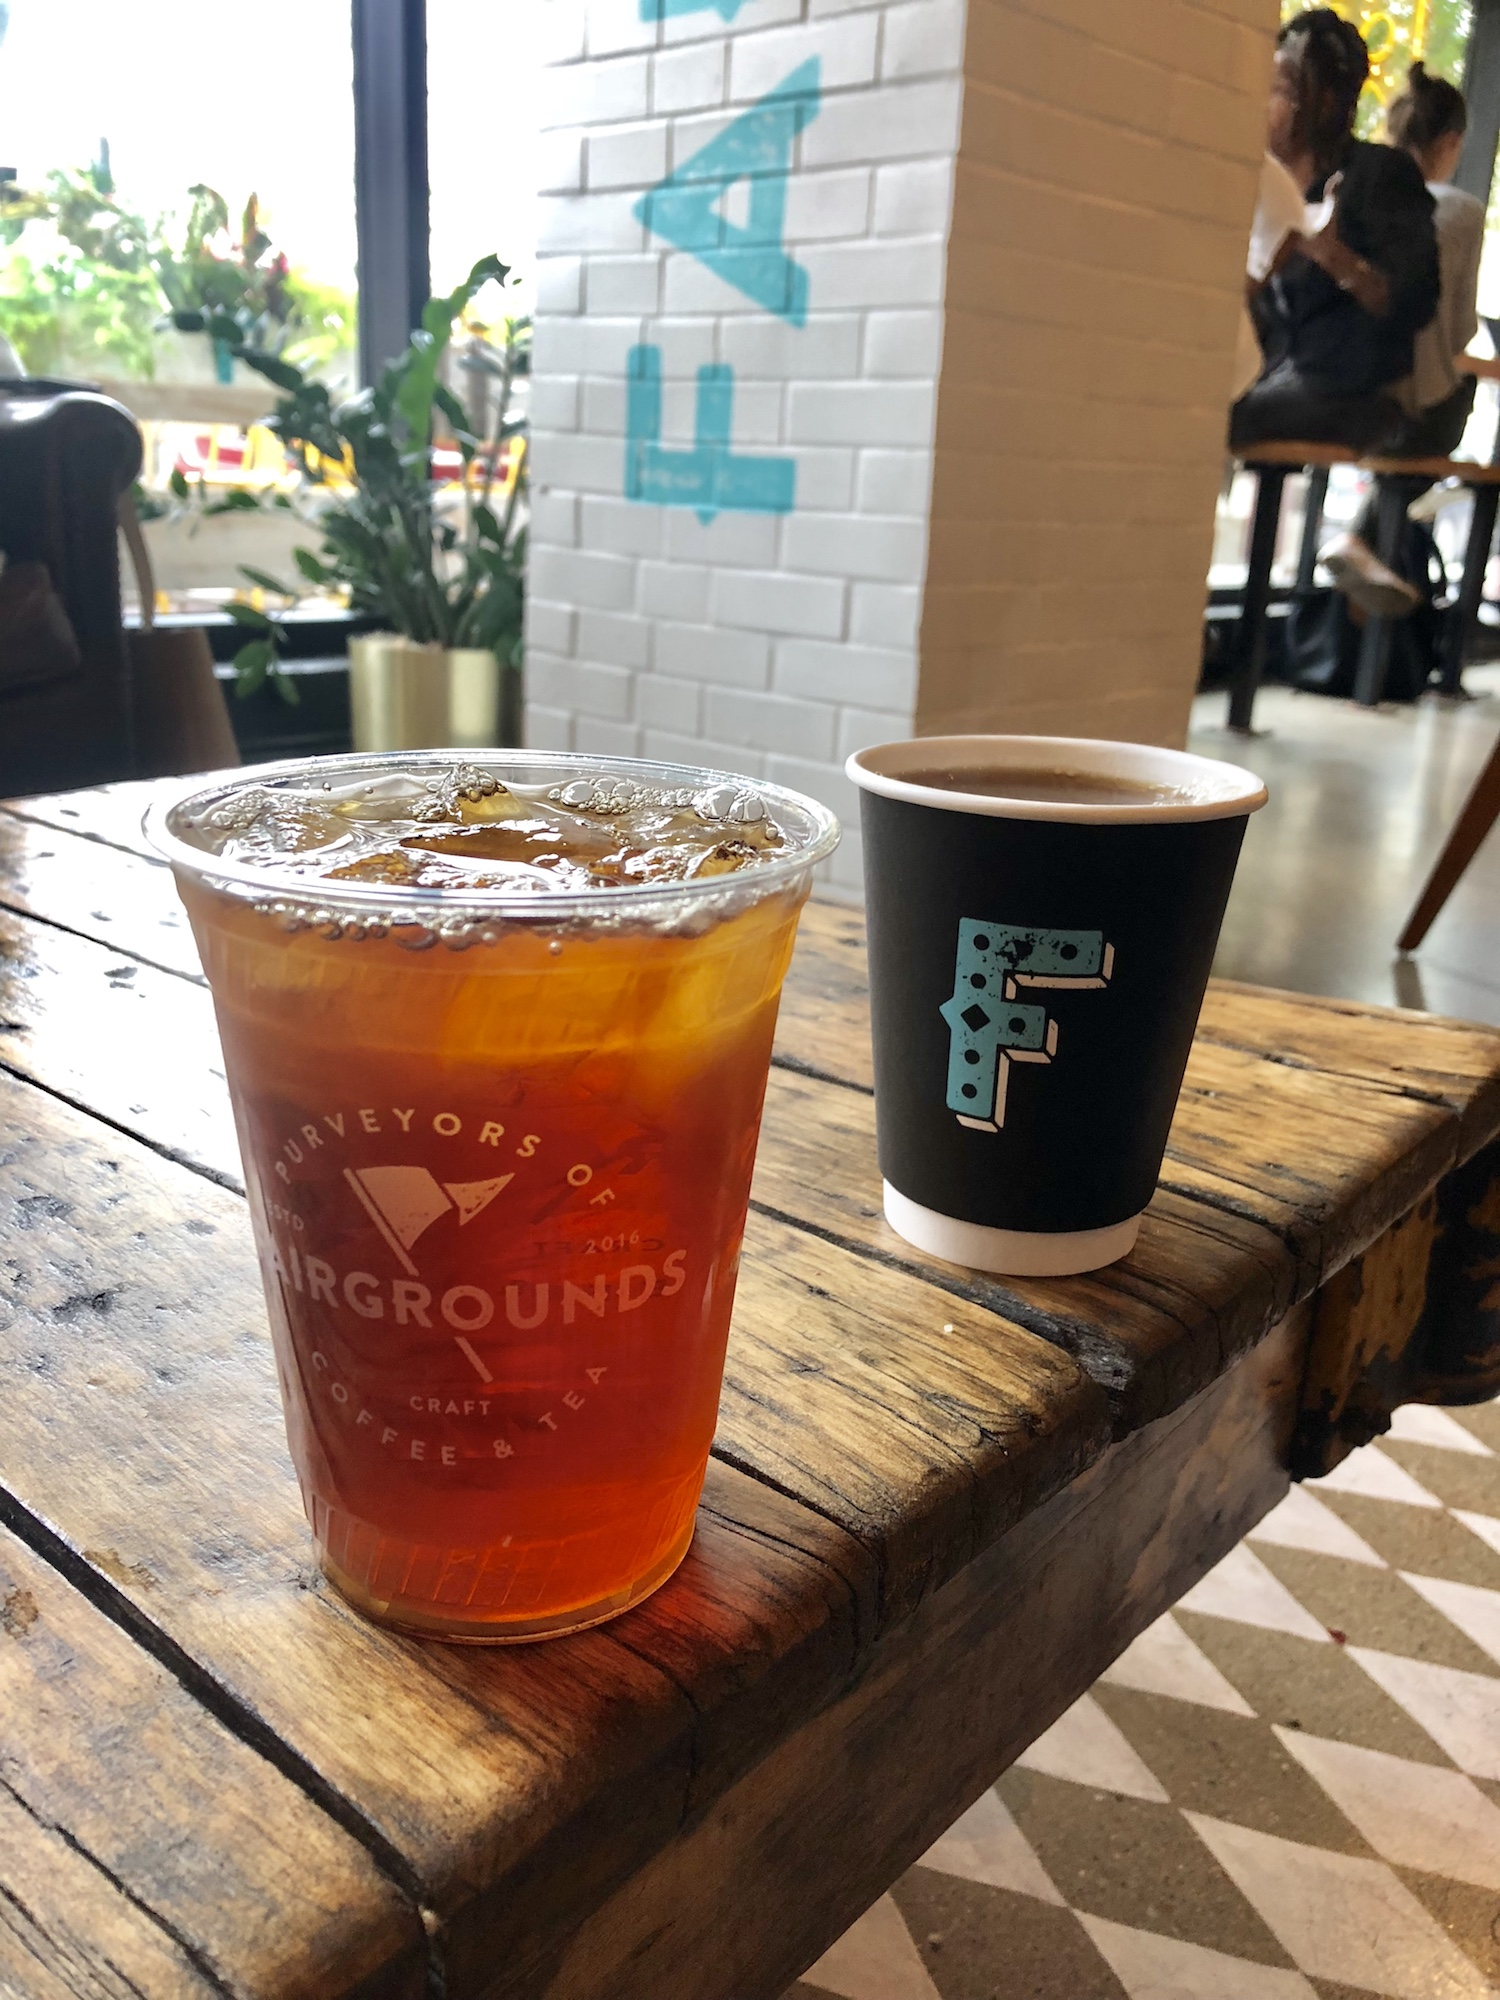 Tasty teas via Fairgrounds Coffee & Tea